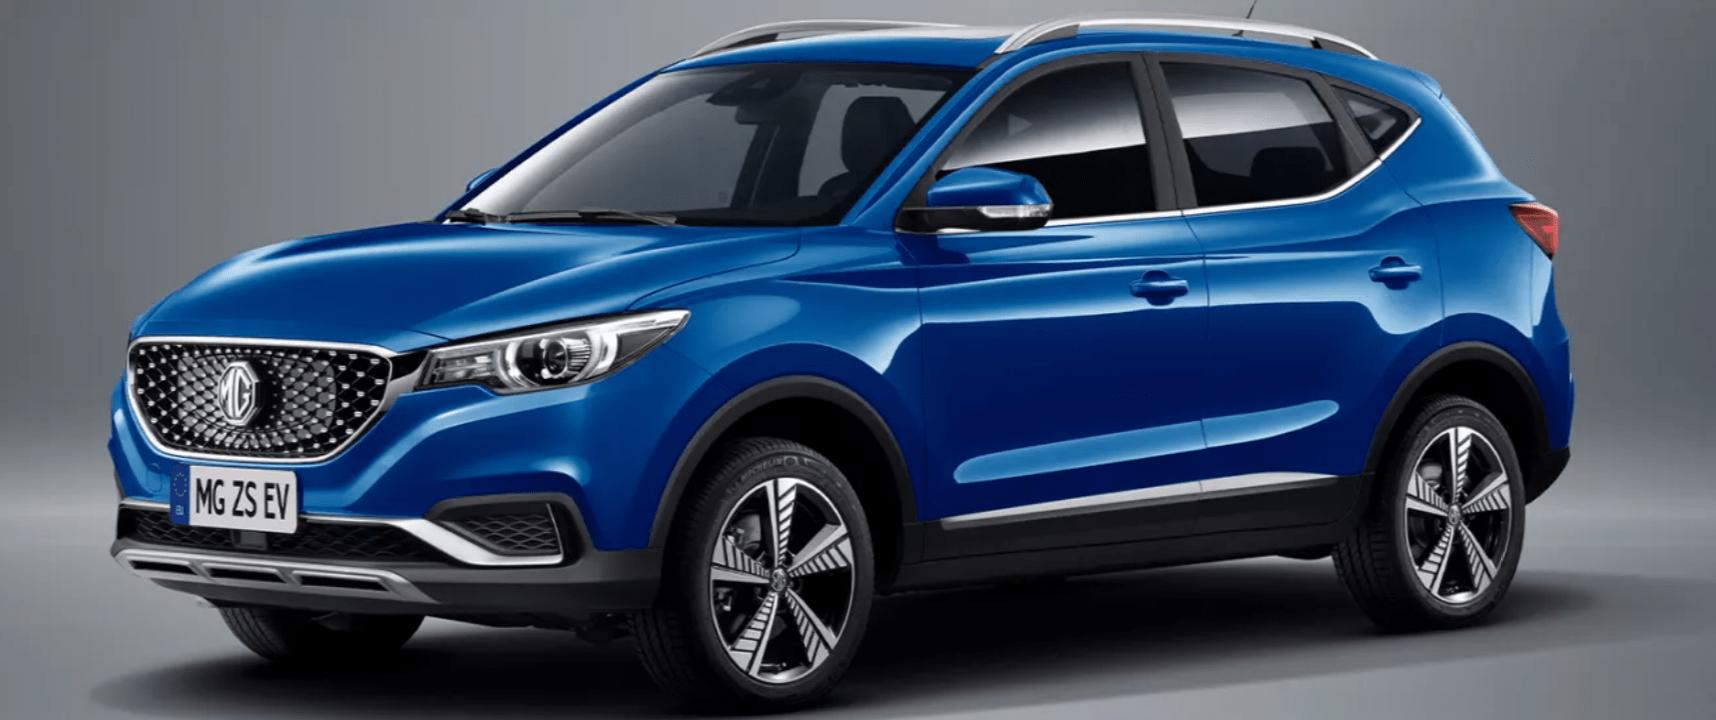 MG Motor veut reconquérir le cœur des Français avec un SUV électrique familial et urbain